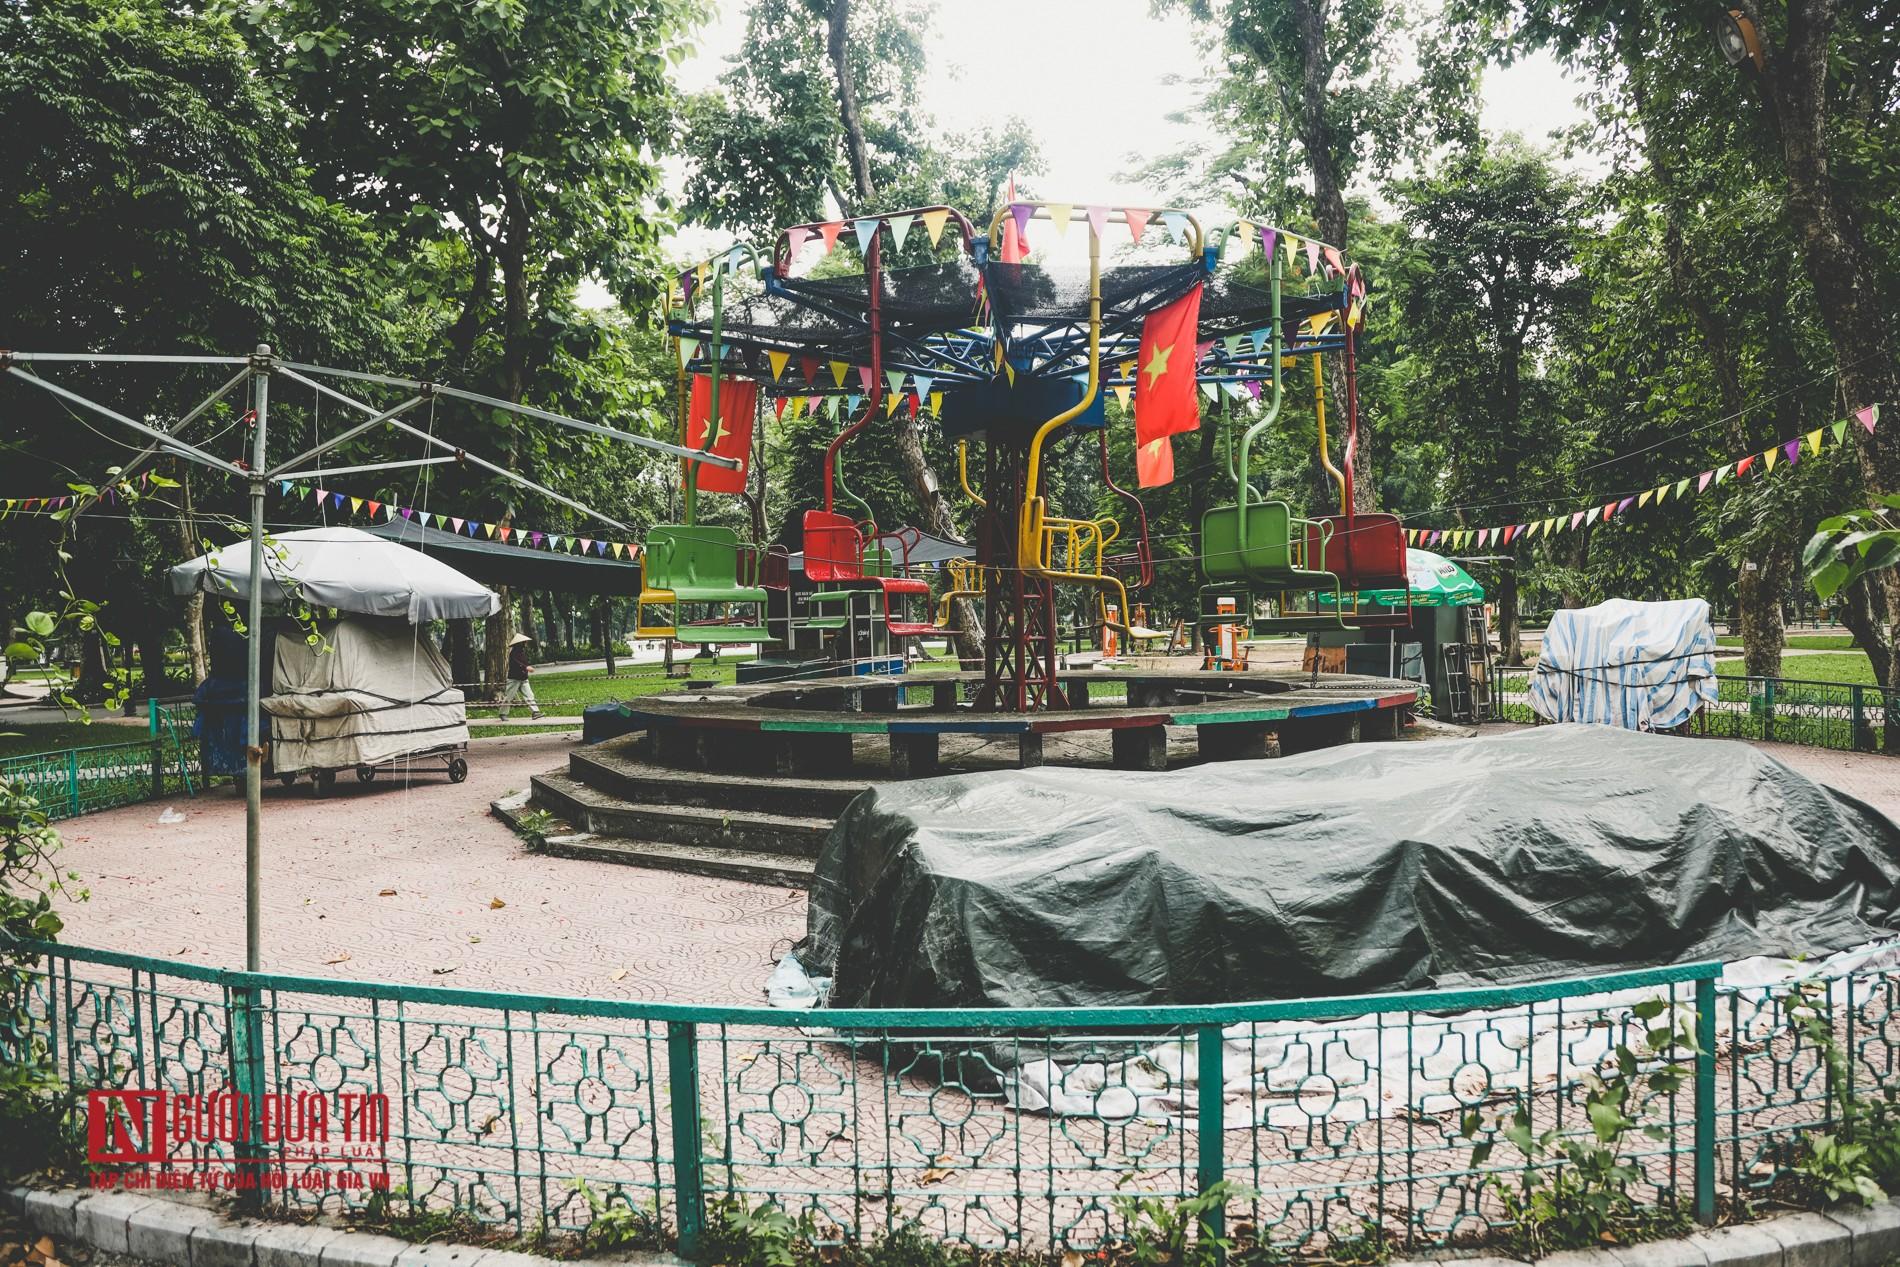 Hà Nội: Xót xa những hạng mục vui chơi cho trẻ xuống cấp, hư hỏng tại công viên Thống Nhất-6